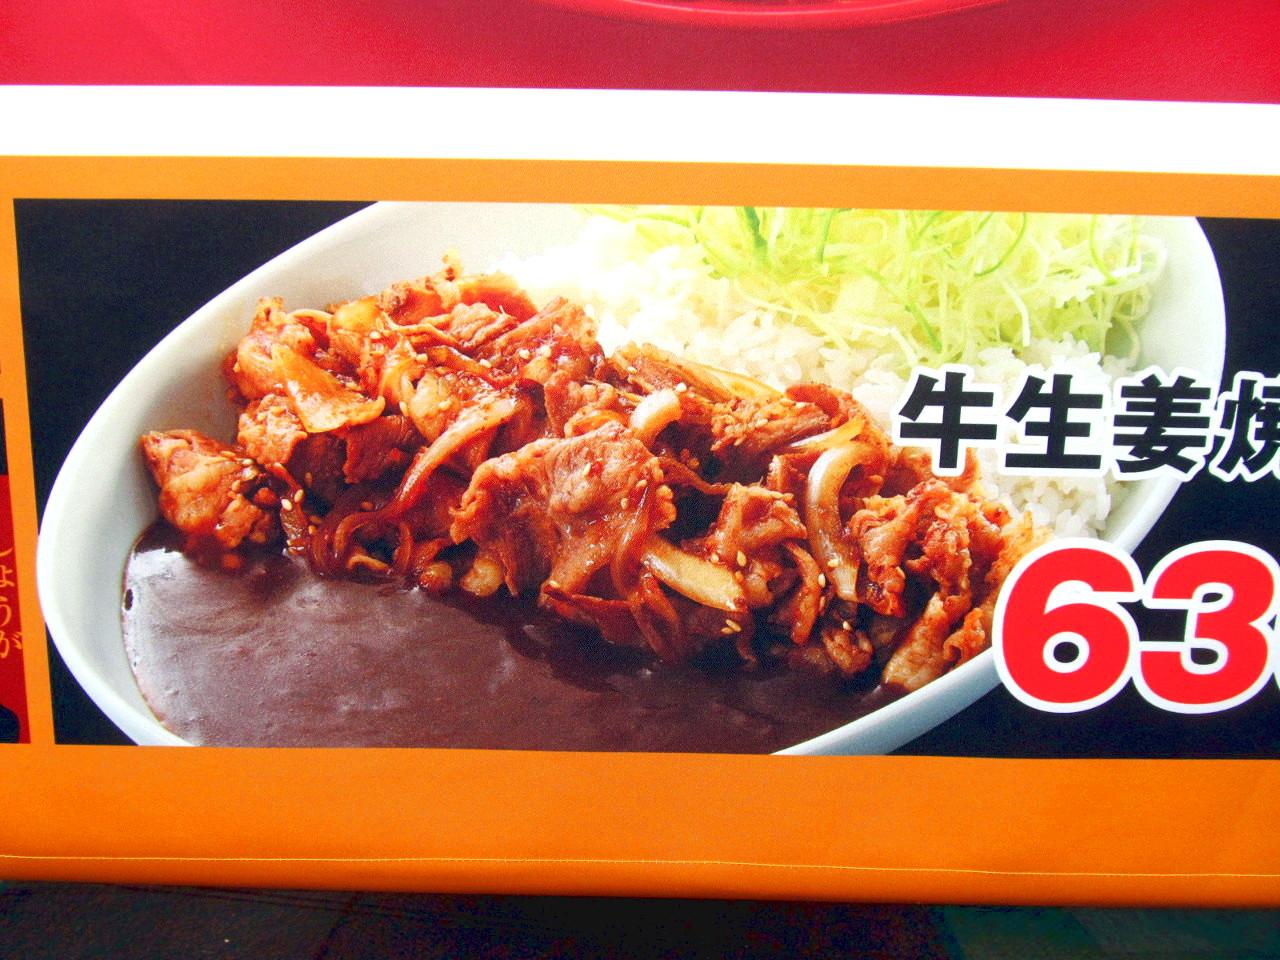 【差し替え】かつや牛生姜焼きカレー20200911販売開始予告アイキャッチ1280調整後